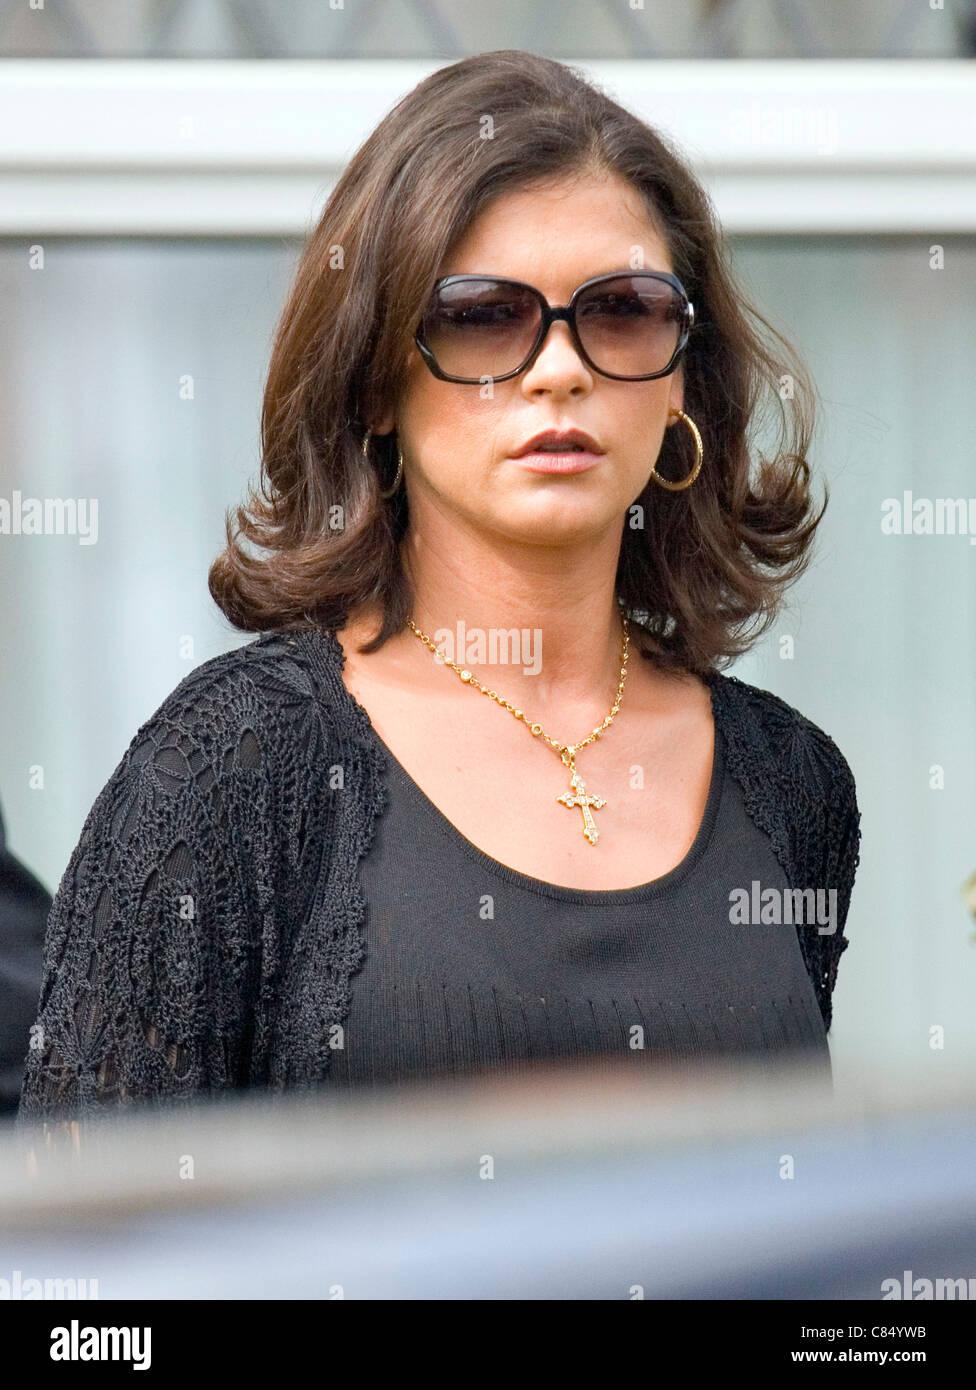 Catherine Zeta Jones attends the funeral of her Grandmother Zeta in Swansea, South Wales. - Stock Image